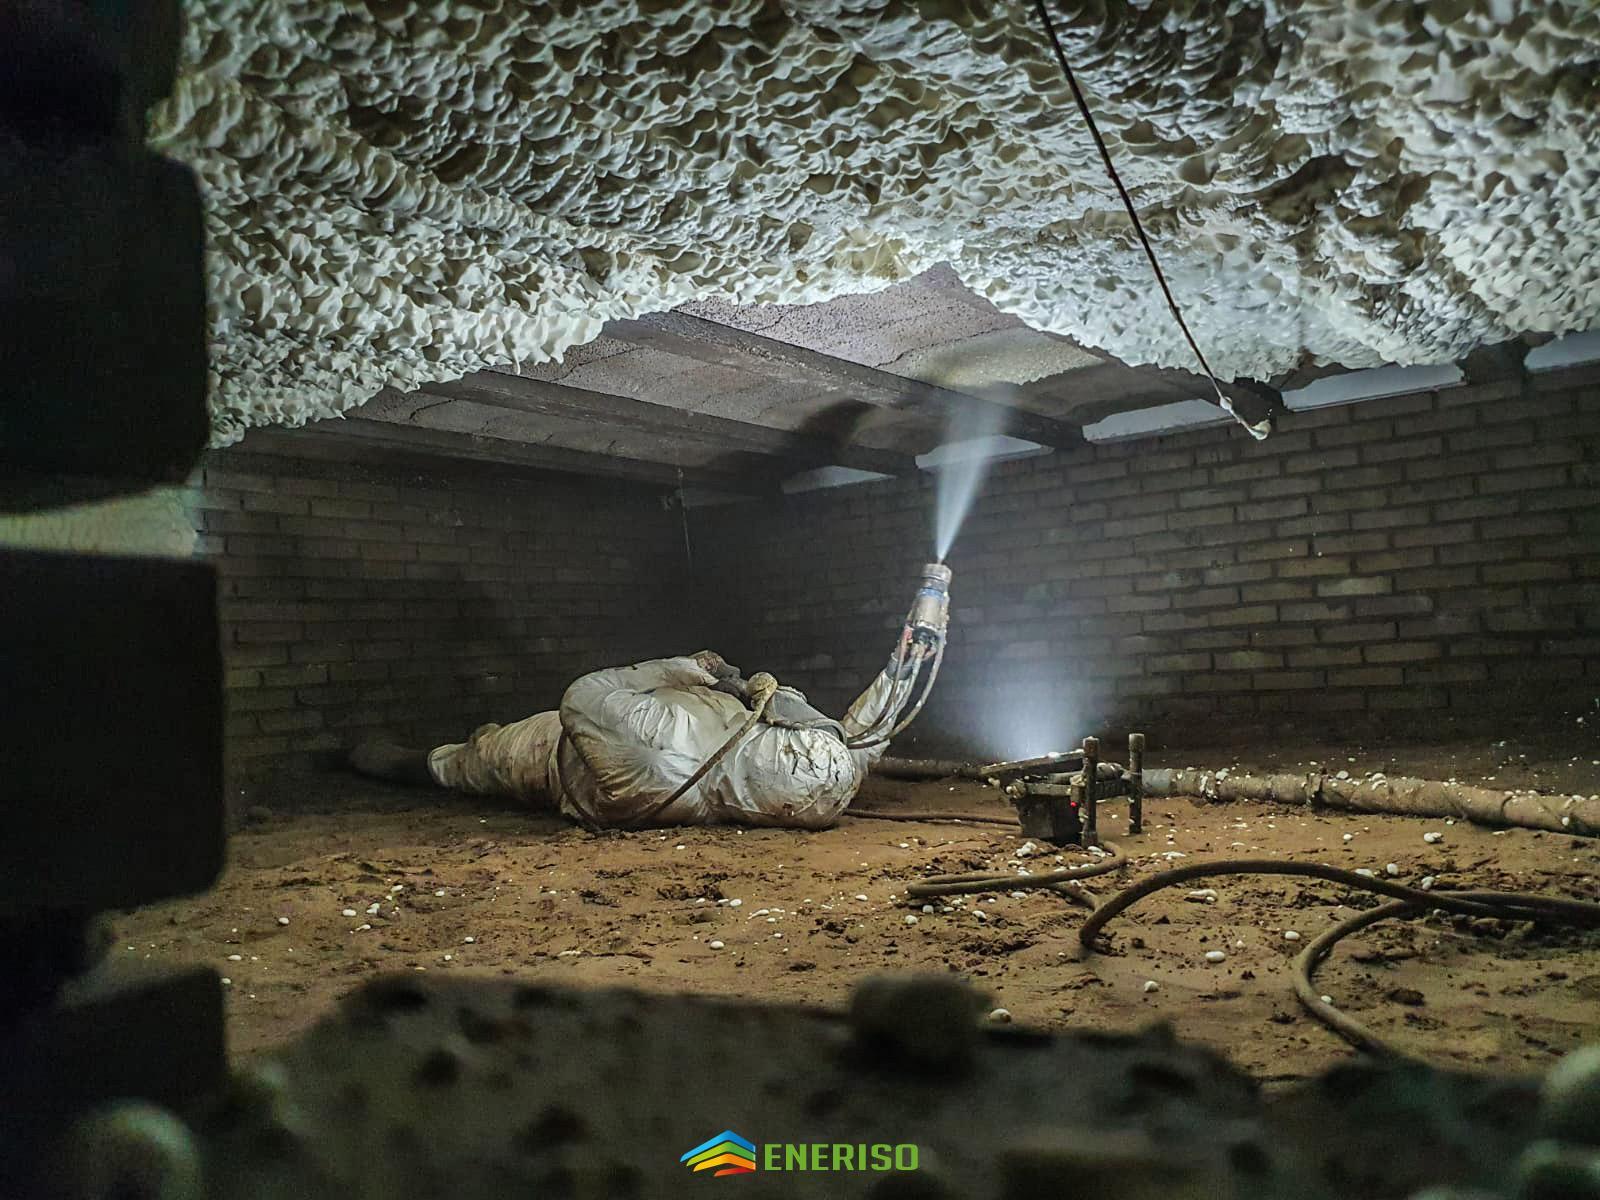 sprayen icynene purschuim vloerisolatie kruipruimte